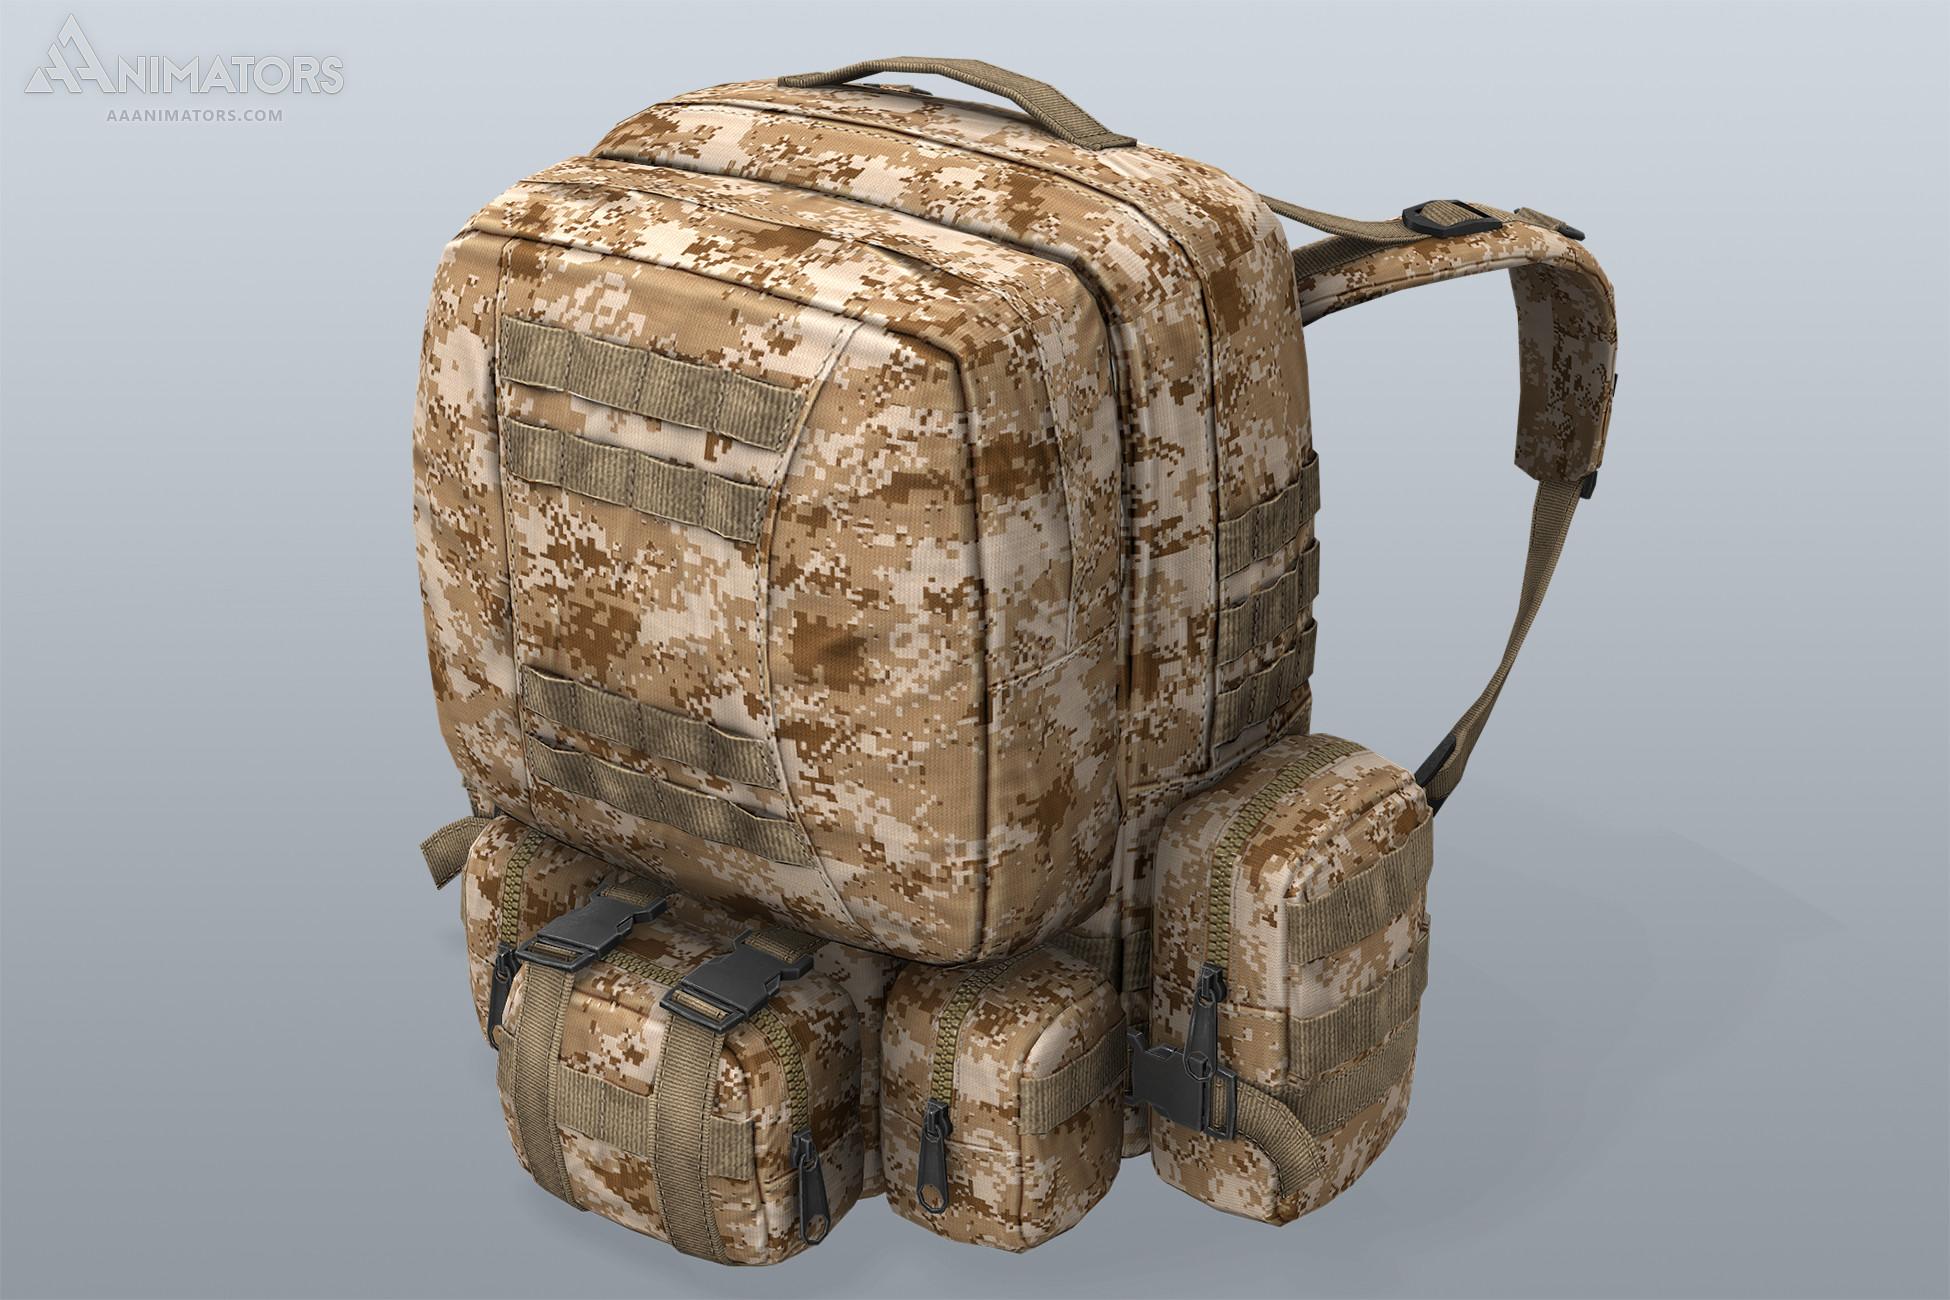 Hand Sign Salute Drawstring Bag Bundle Backpack Shoulder Rucksack